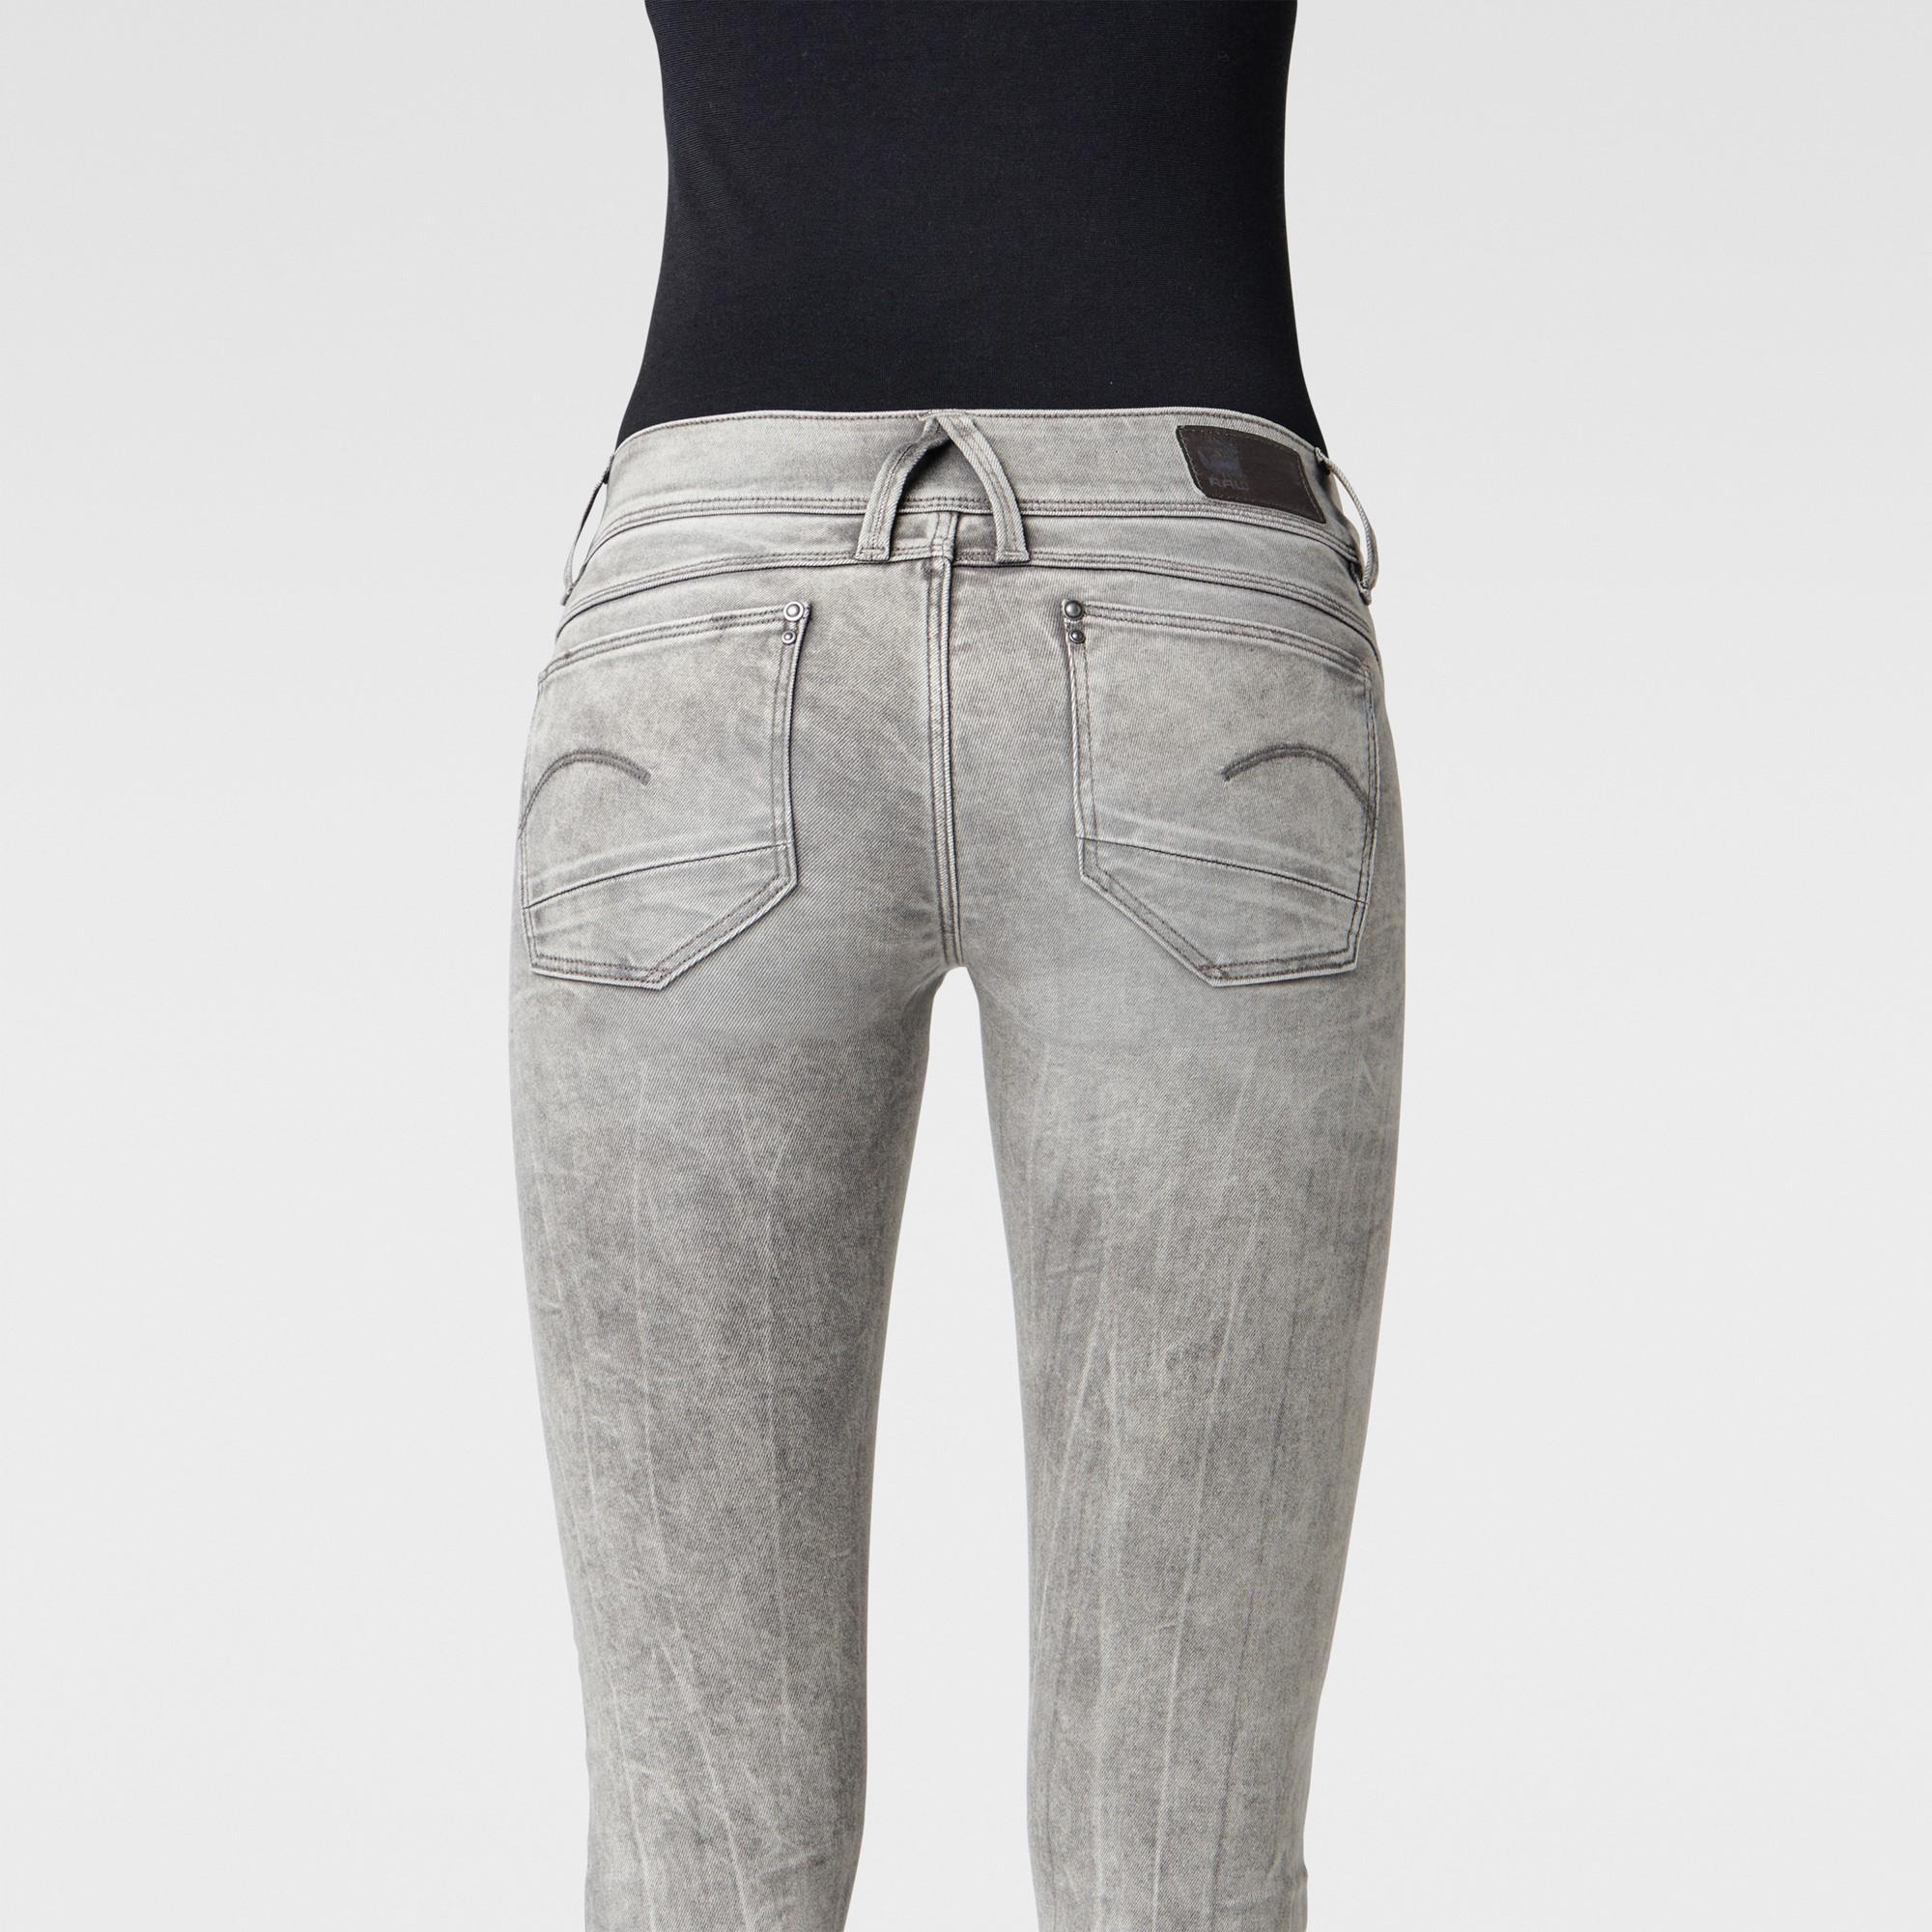 g star damen lynn skinny jeans bekleidung. Black Bedroom Furniture Sets. Home Design Ideas